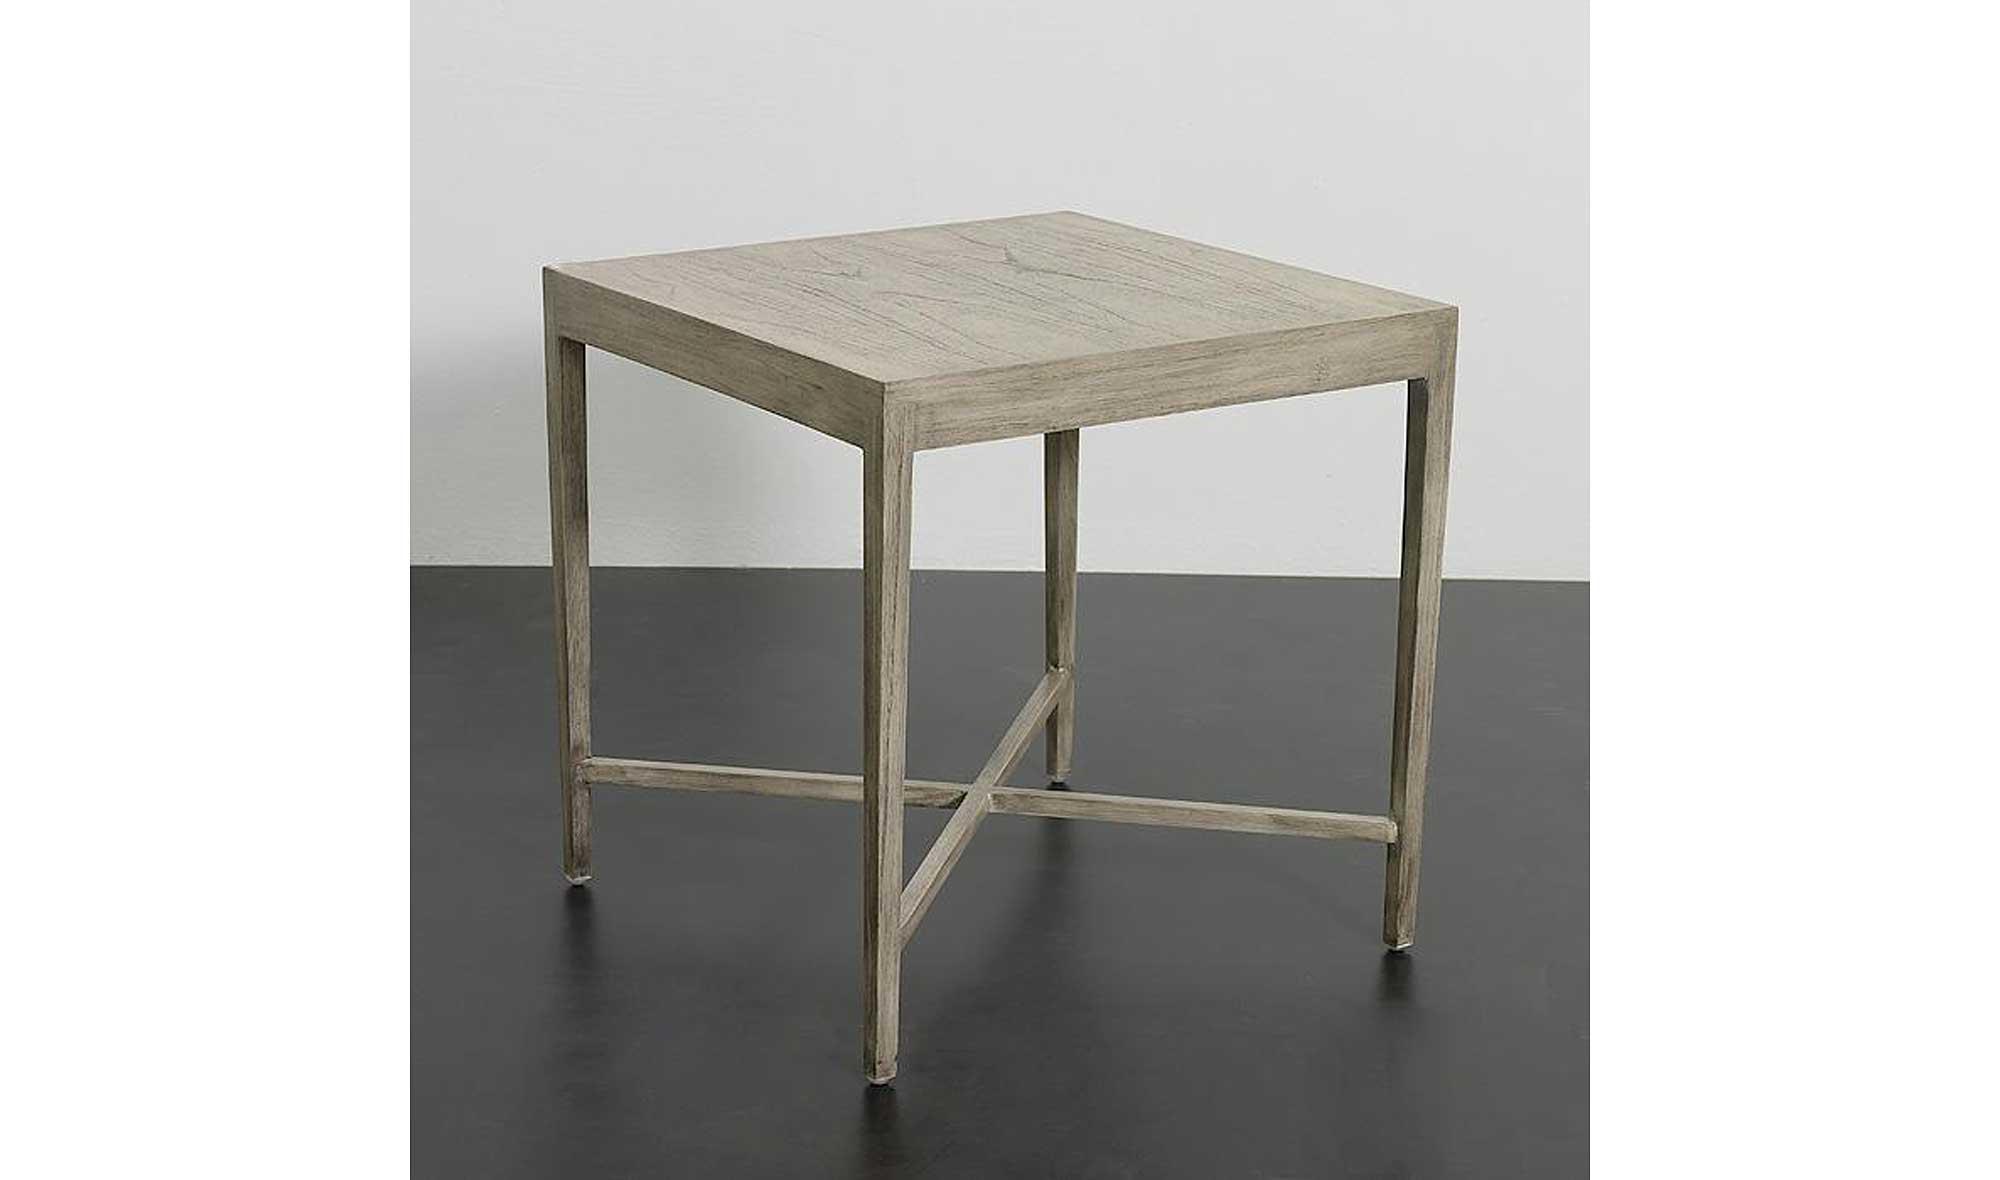 Productos similares a Mesa auxiliar madera gris disponibles en nuestra